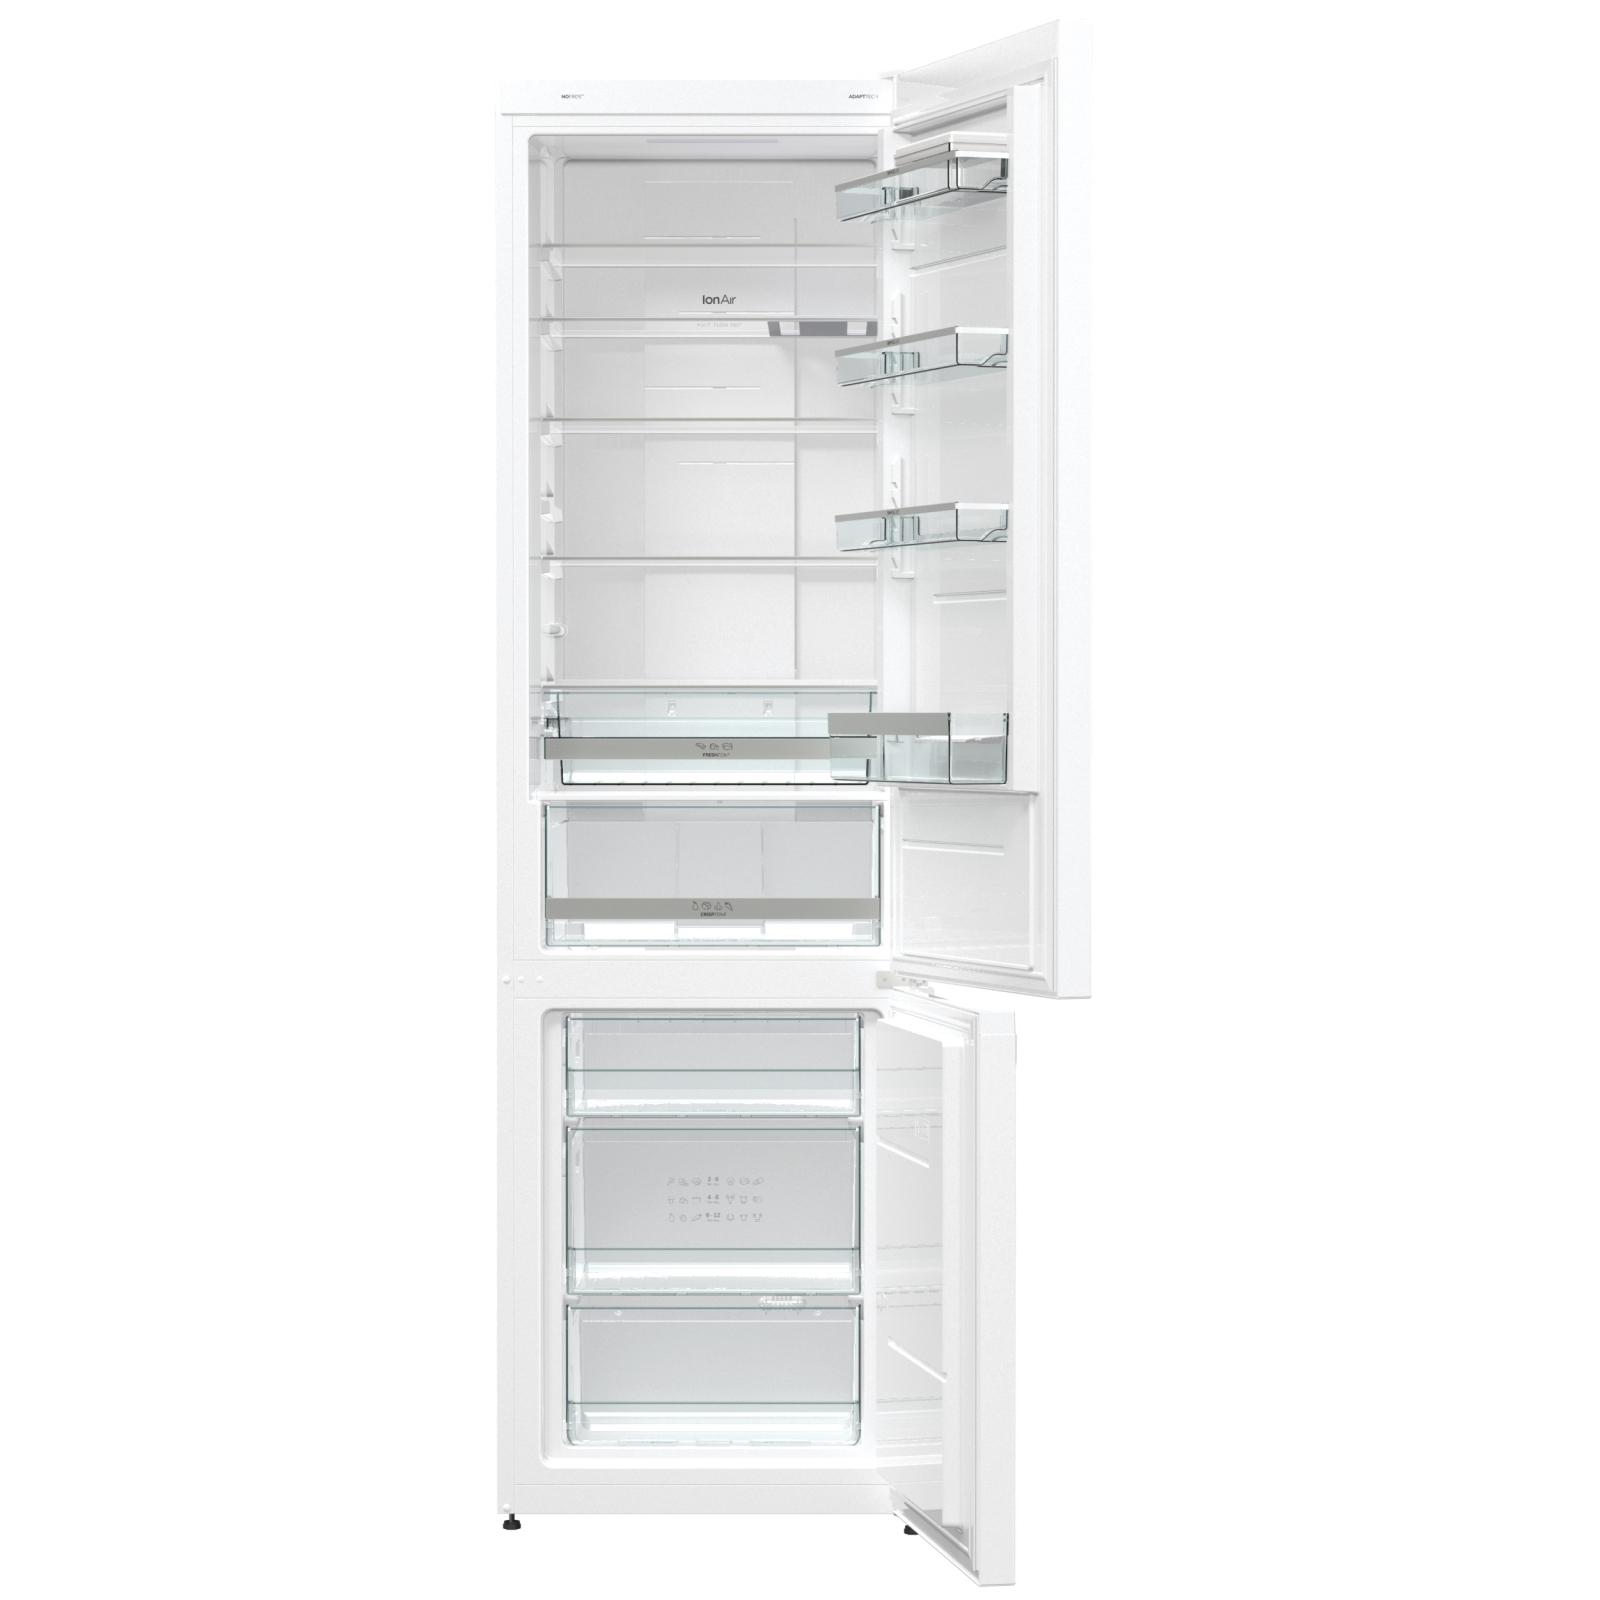 Холодильник Gorenje NRK621SYW4 изображение 4